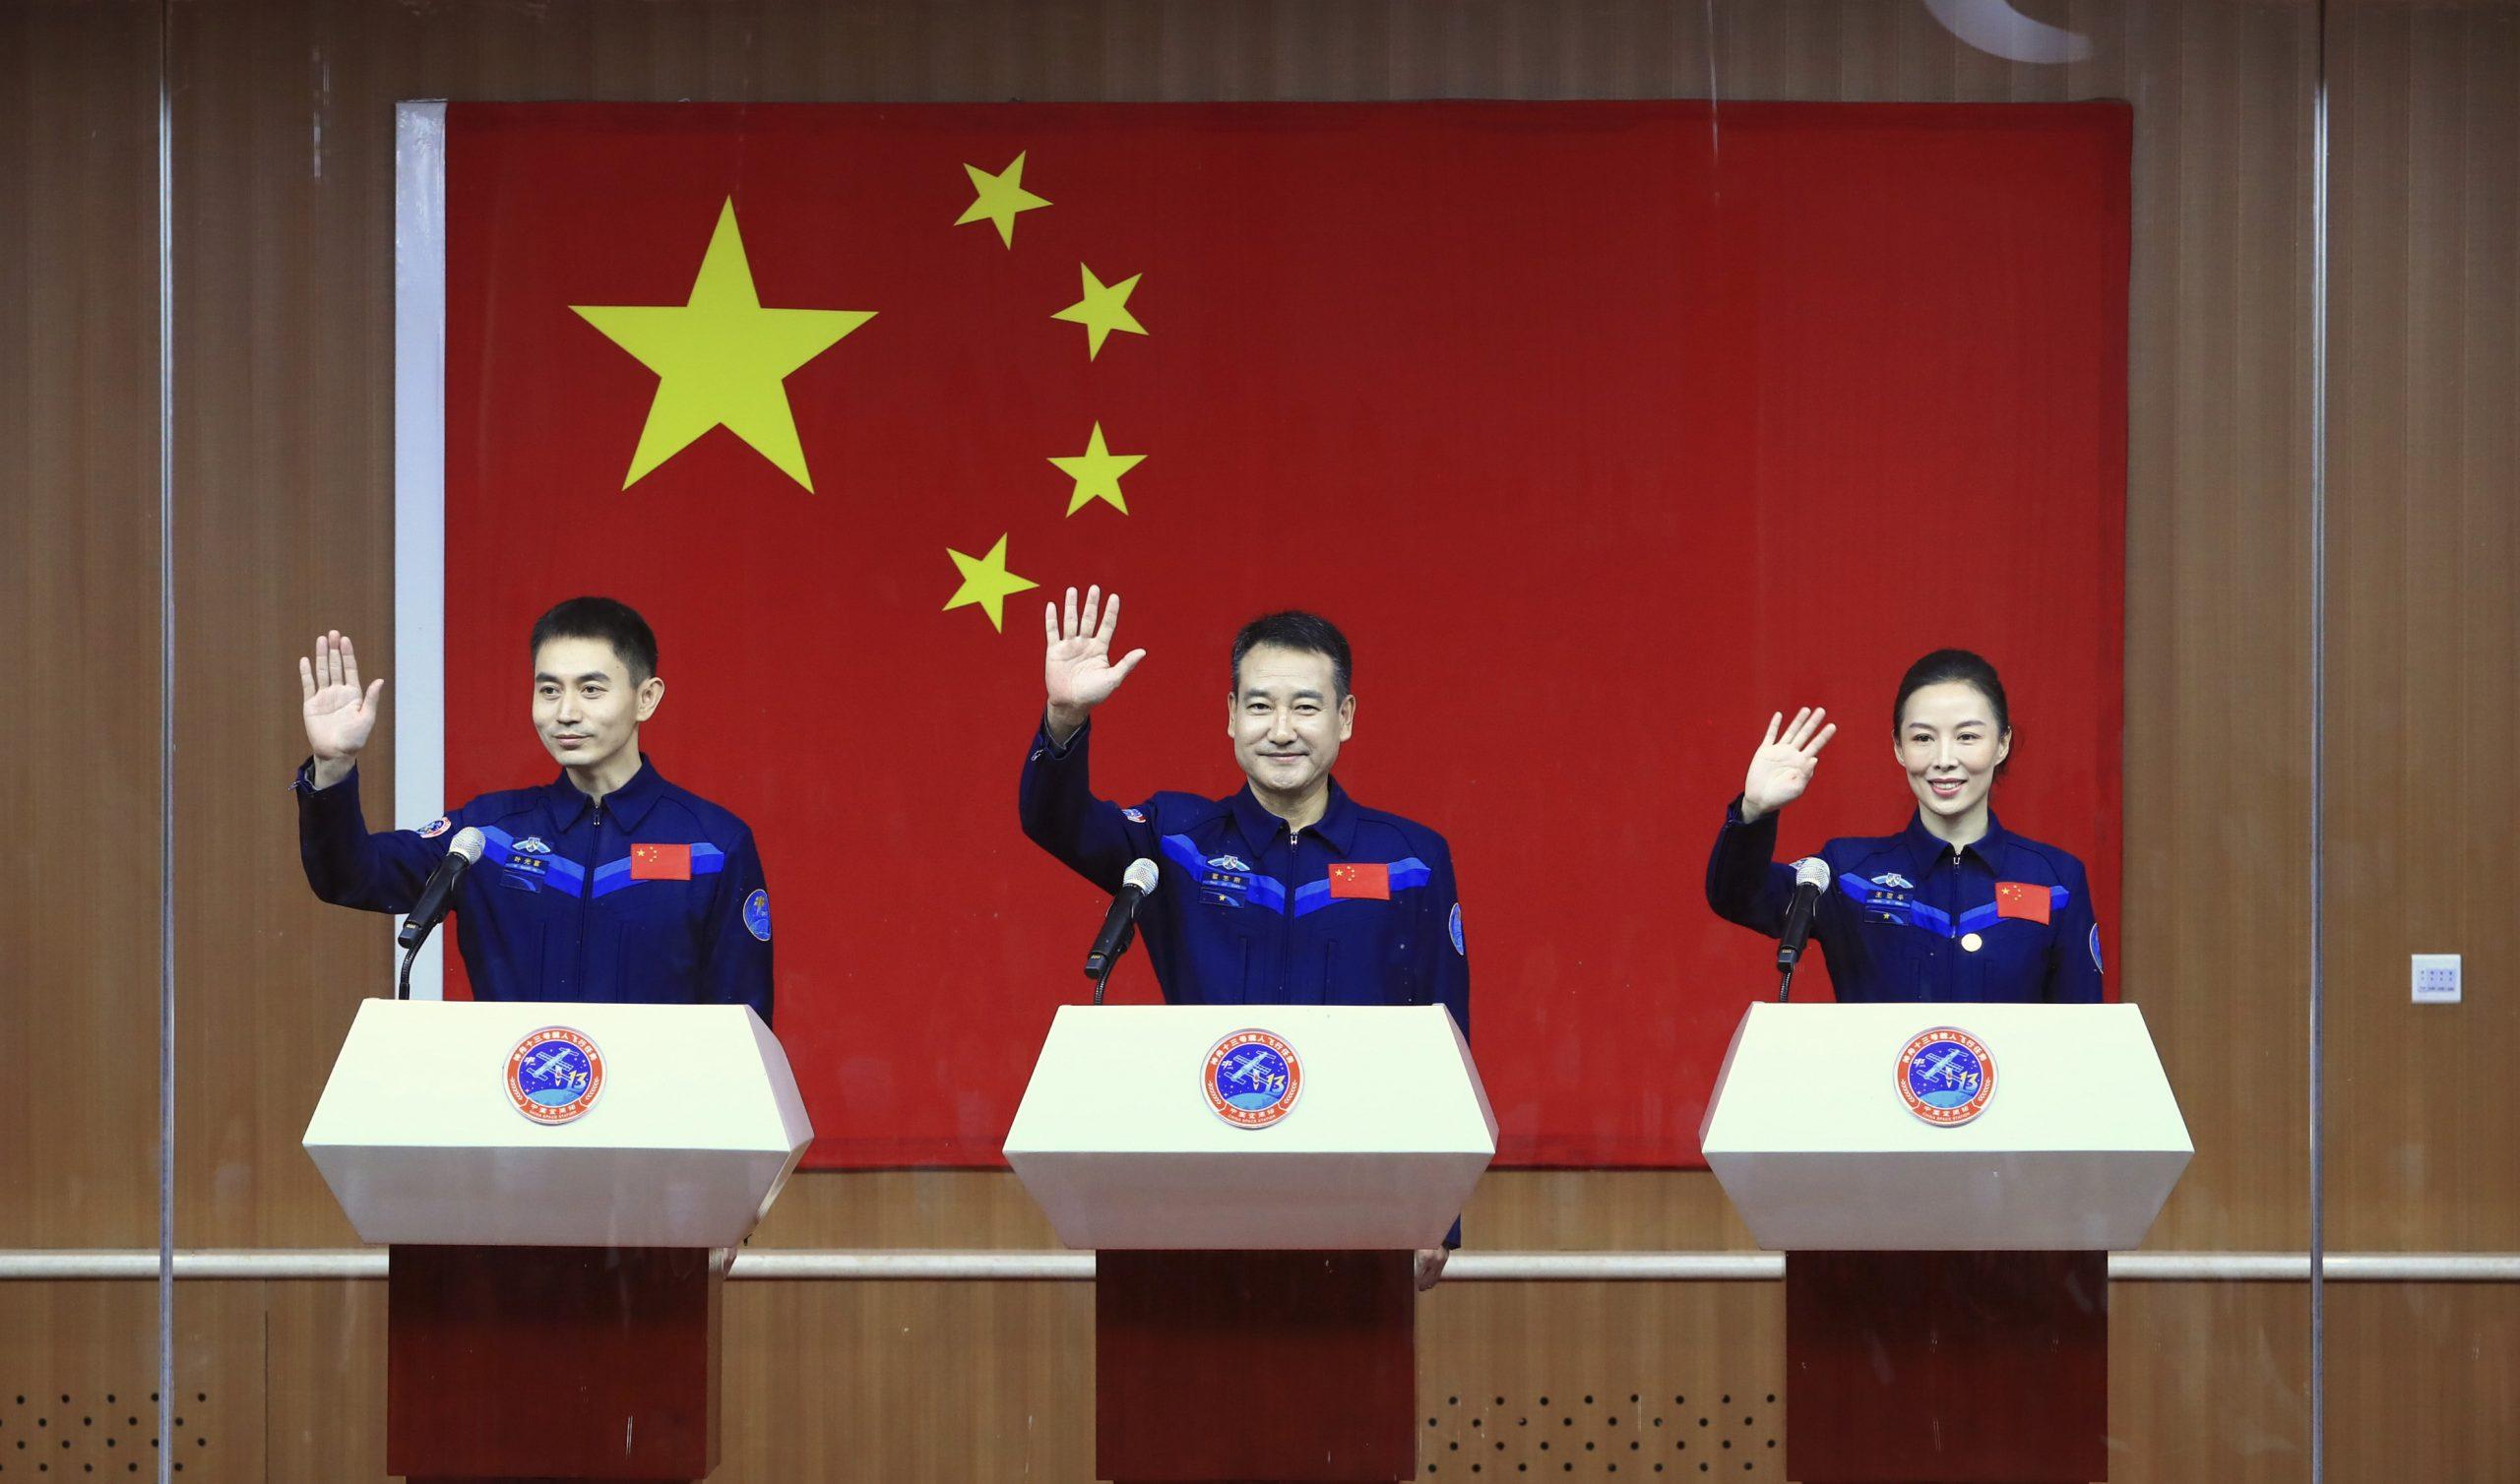 China anuncia tripulación de Shenzhou-13, incluyendo a primera mujer en estación espacial